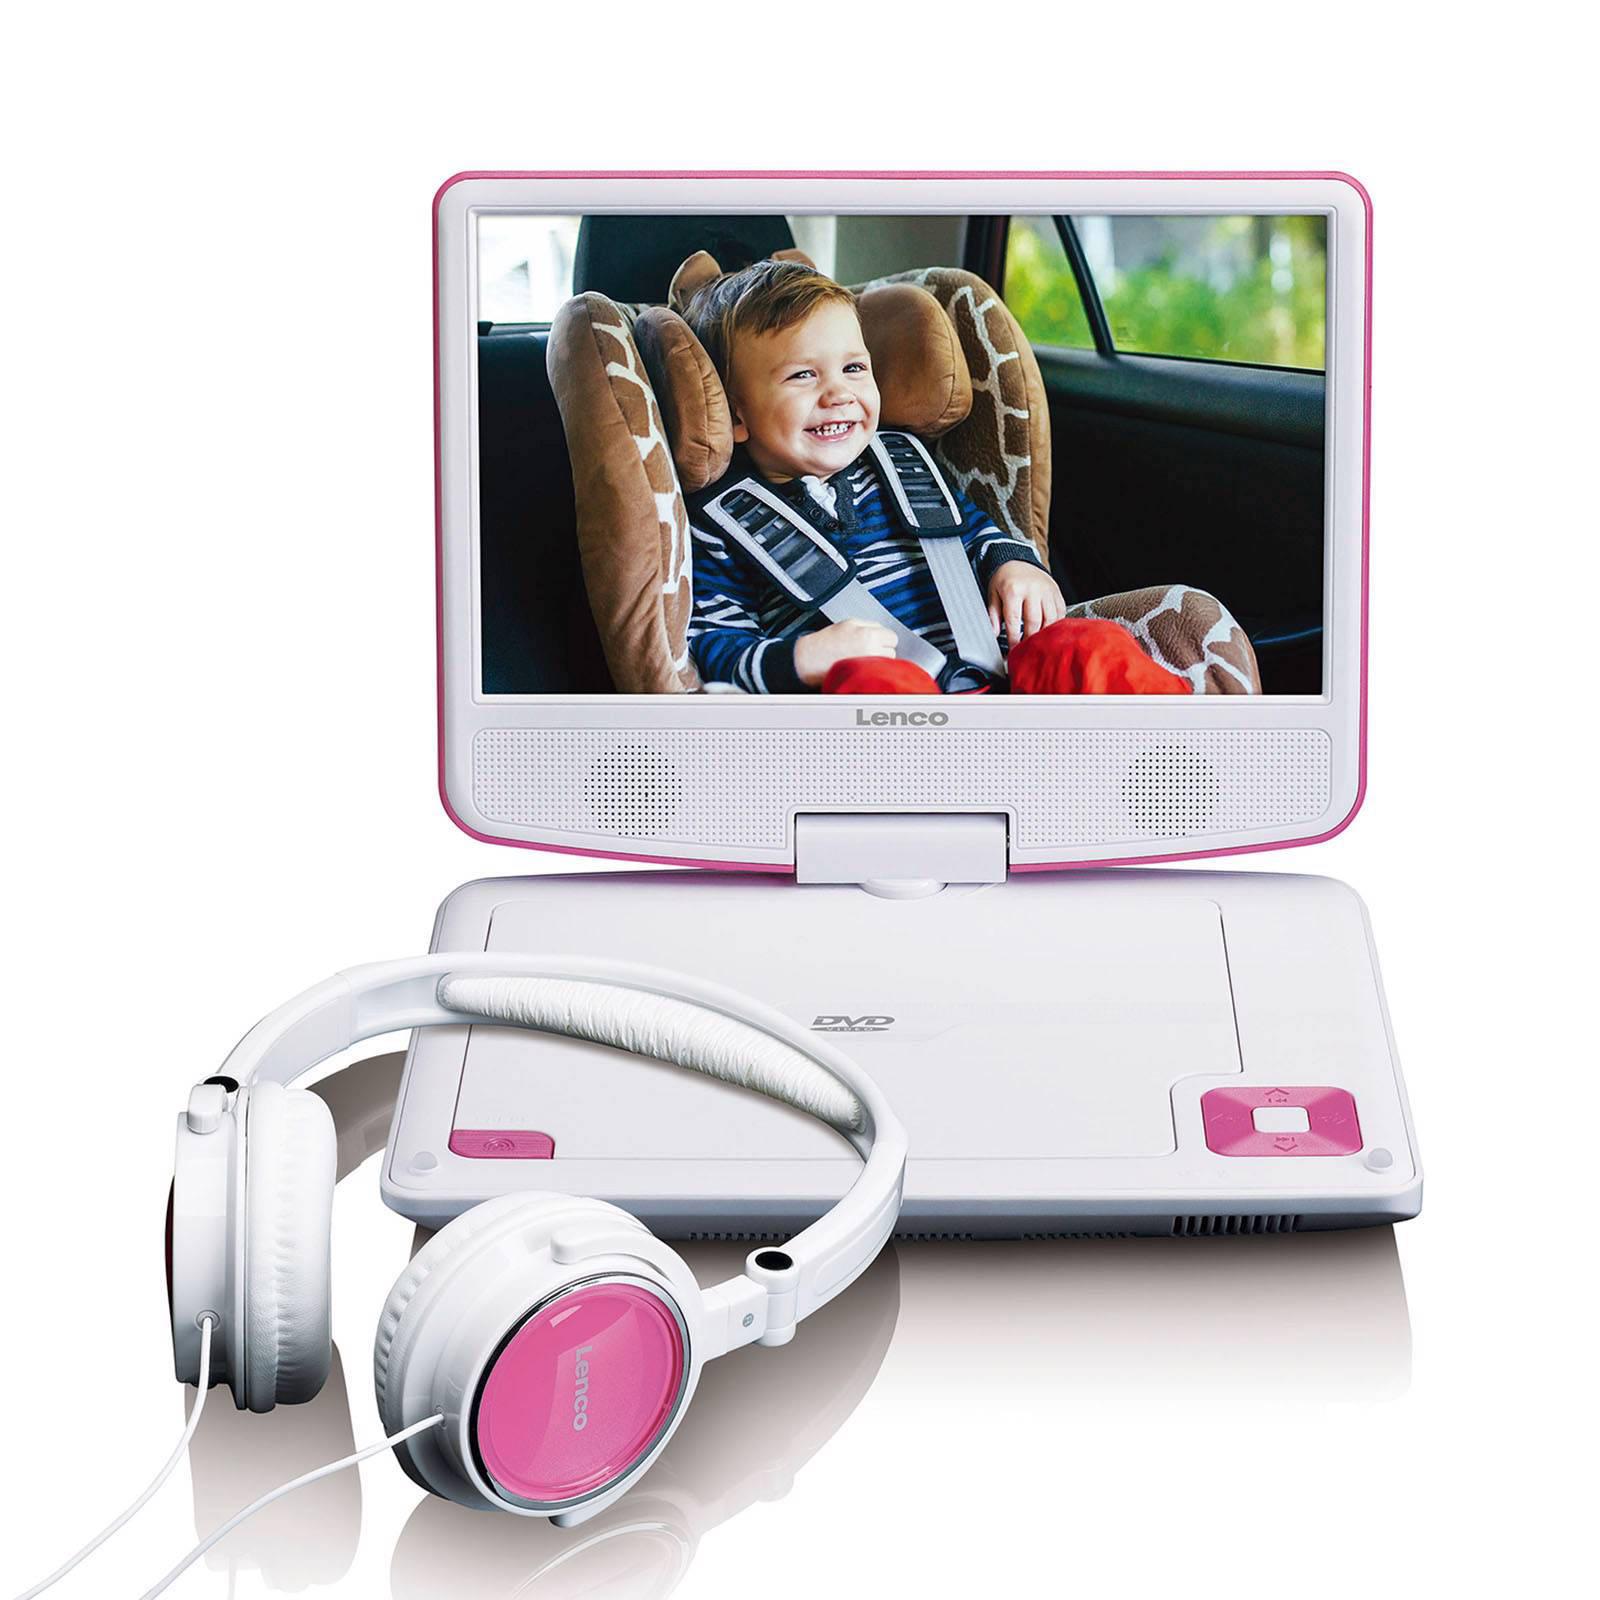 Lenco DVP-910PK + 5 DVD Pack Portable DVD speler + 5 DVD pack